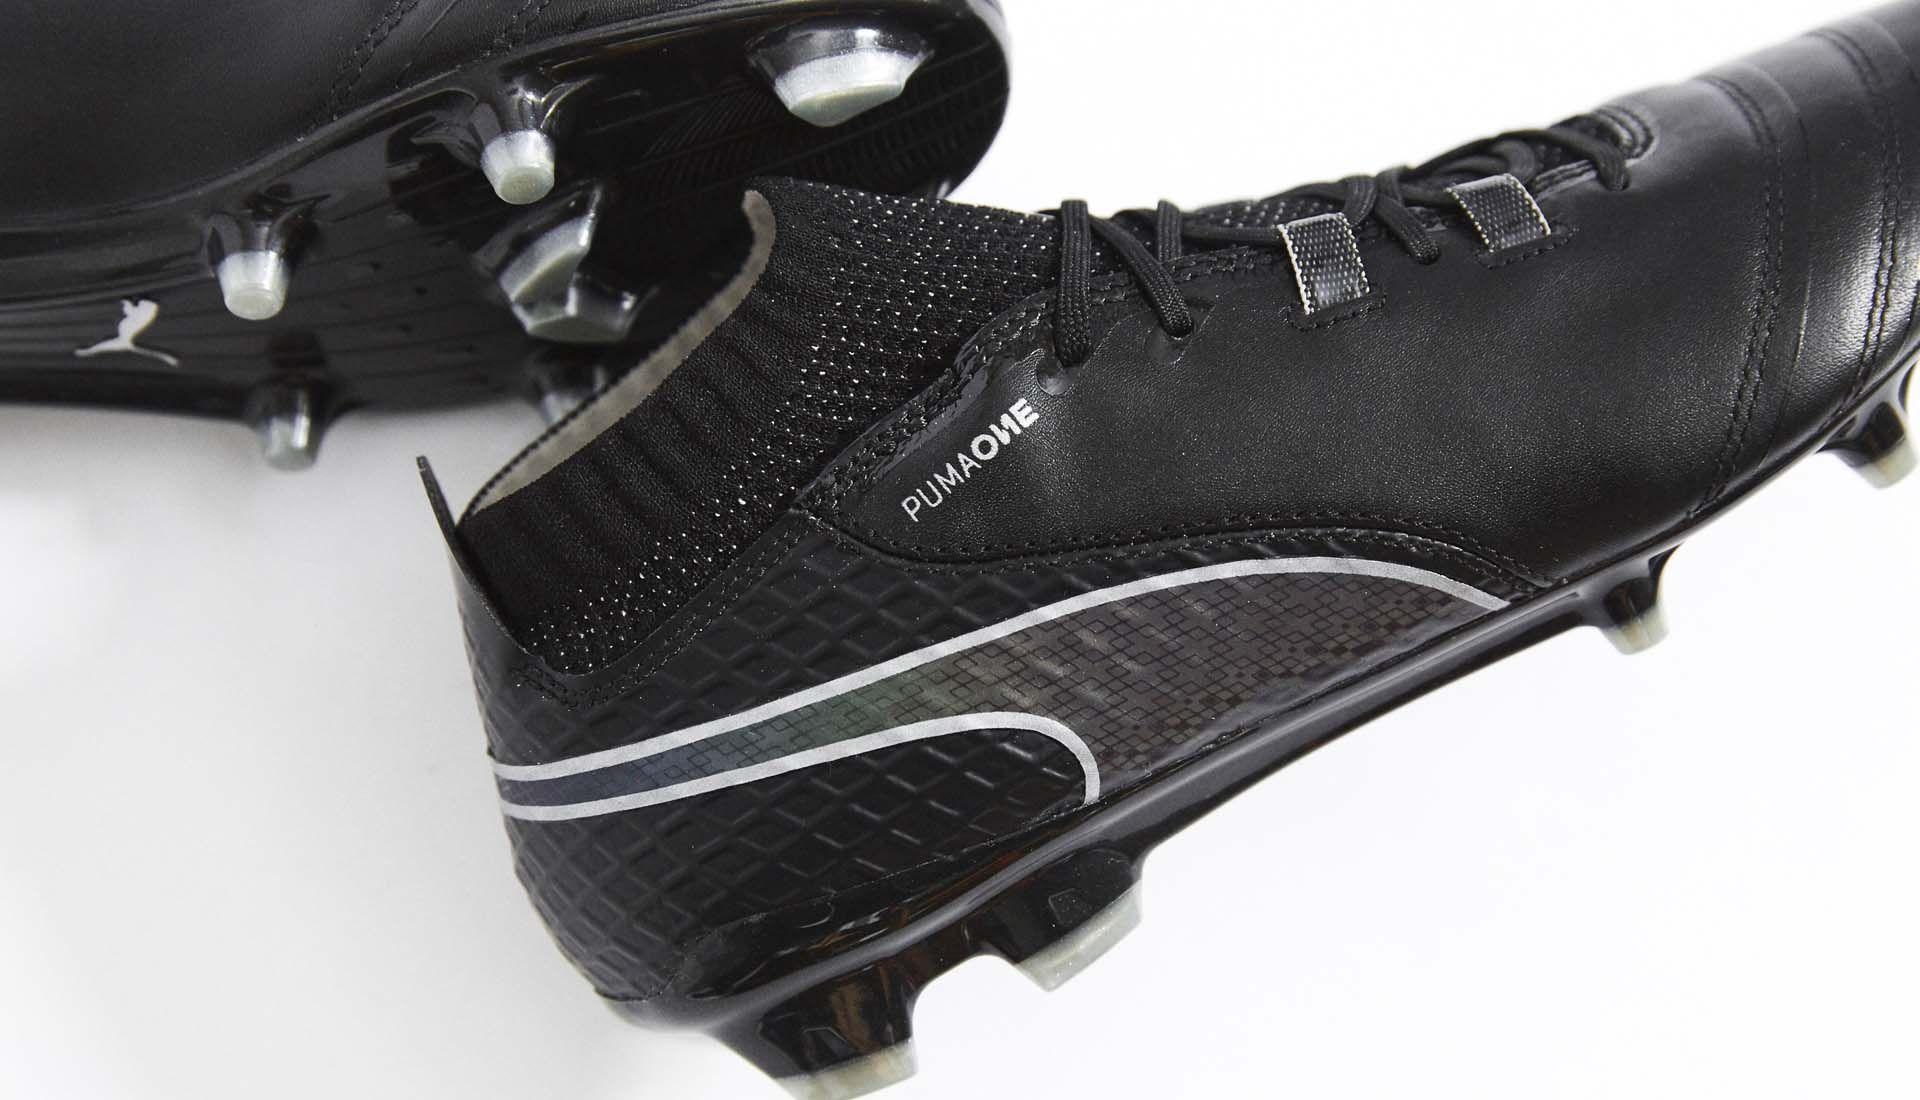 959b7da0552a La Puma One 17.1 en mode Black & Iridescent a été dévoilée par Antoine  Griezmann. Il s'agit du quatrième coloris pour cette nouvelle chaussure de  foot Puma.